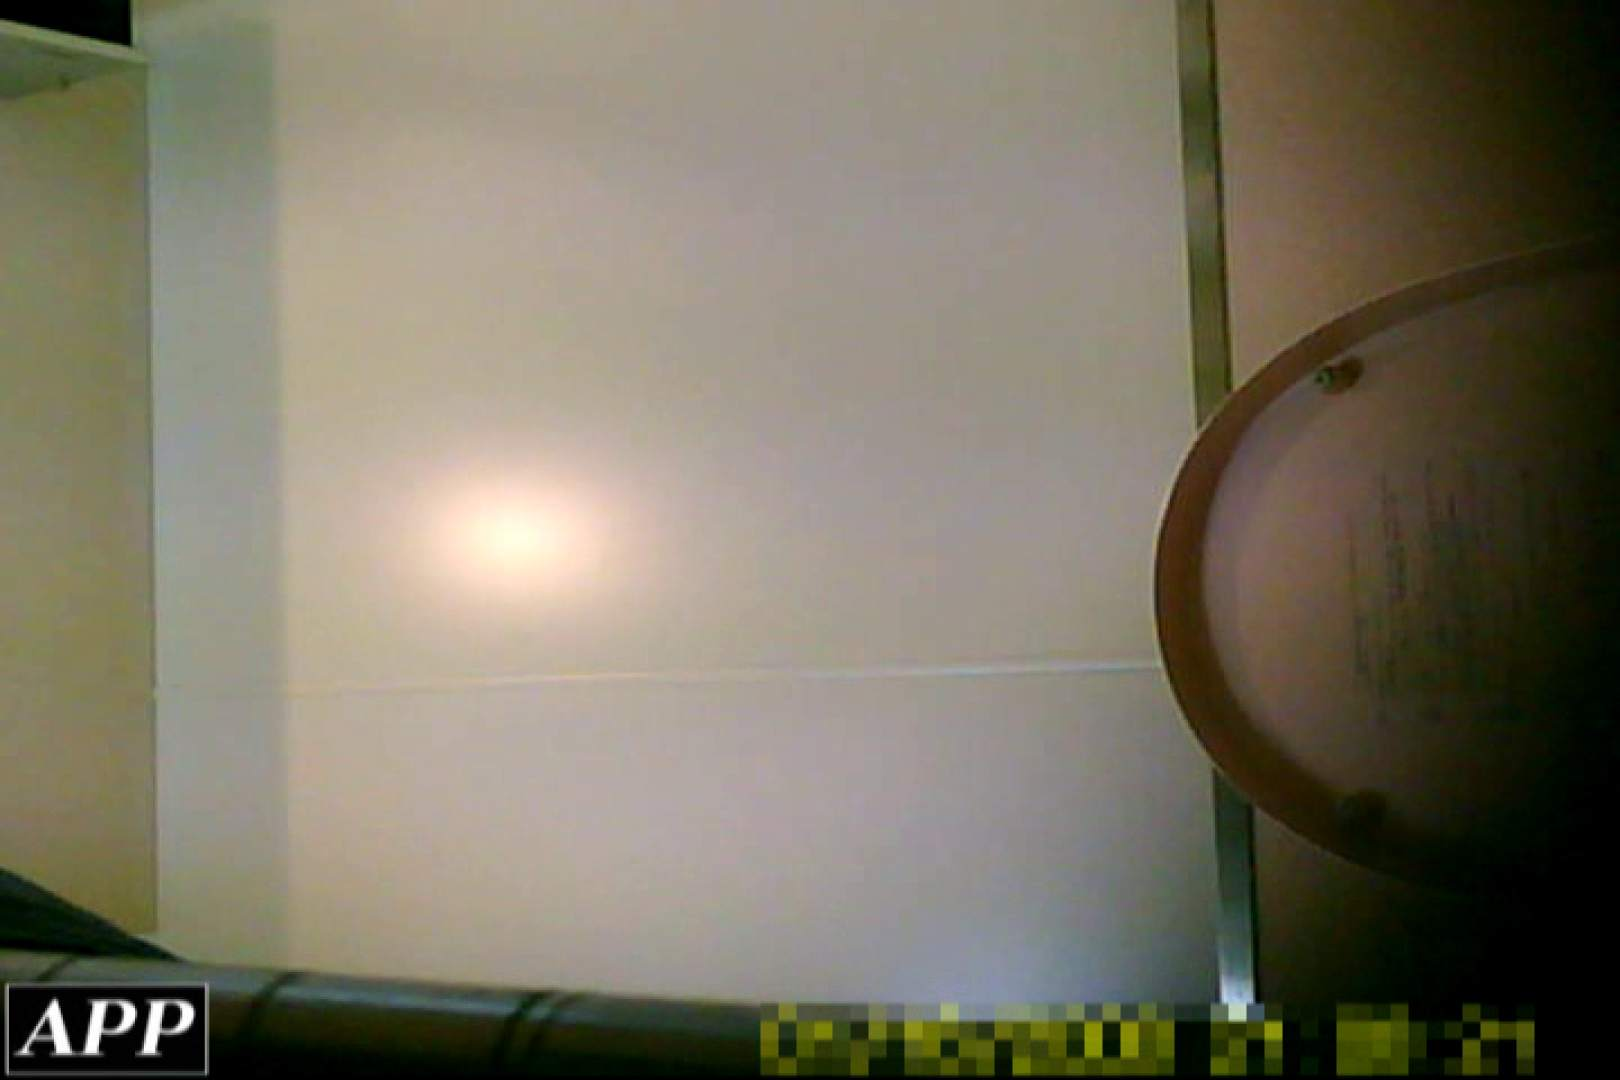 3視点洗面所 vol.09 ギャル攻め エロ無料画像 106画像 79